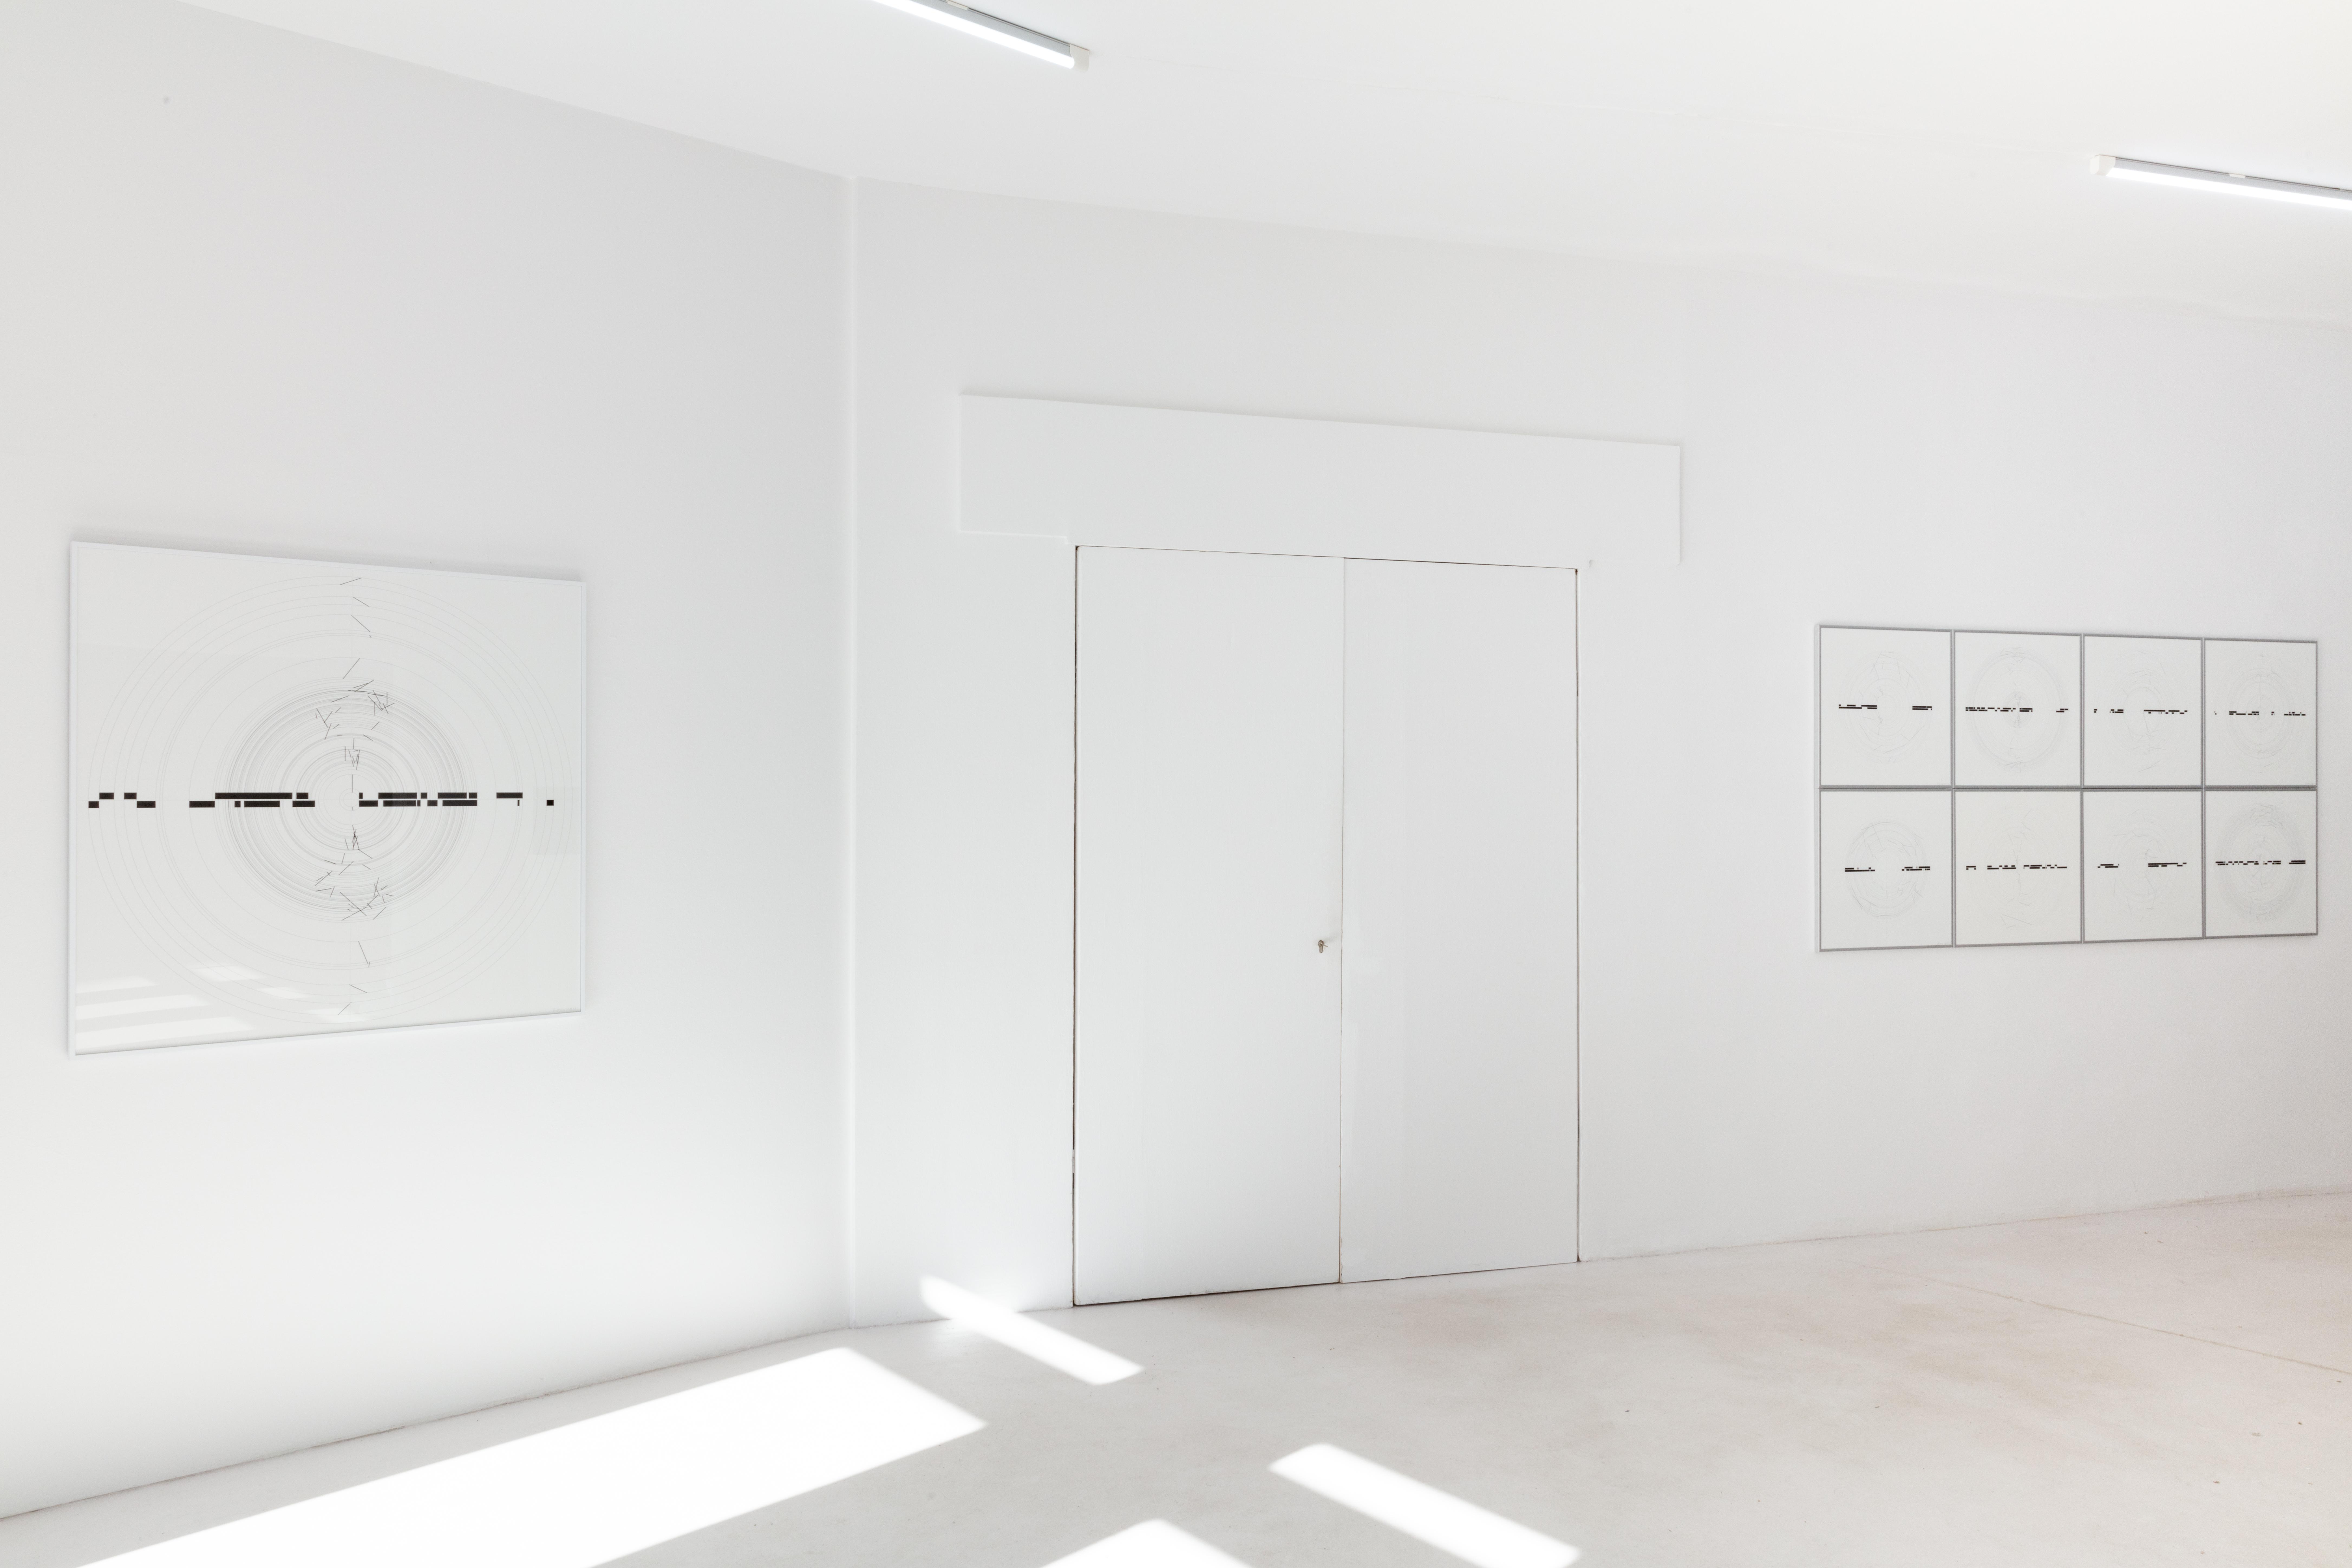 Manfred Mohr, Transit-Code, Ausstellungsansicht